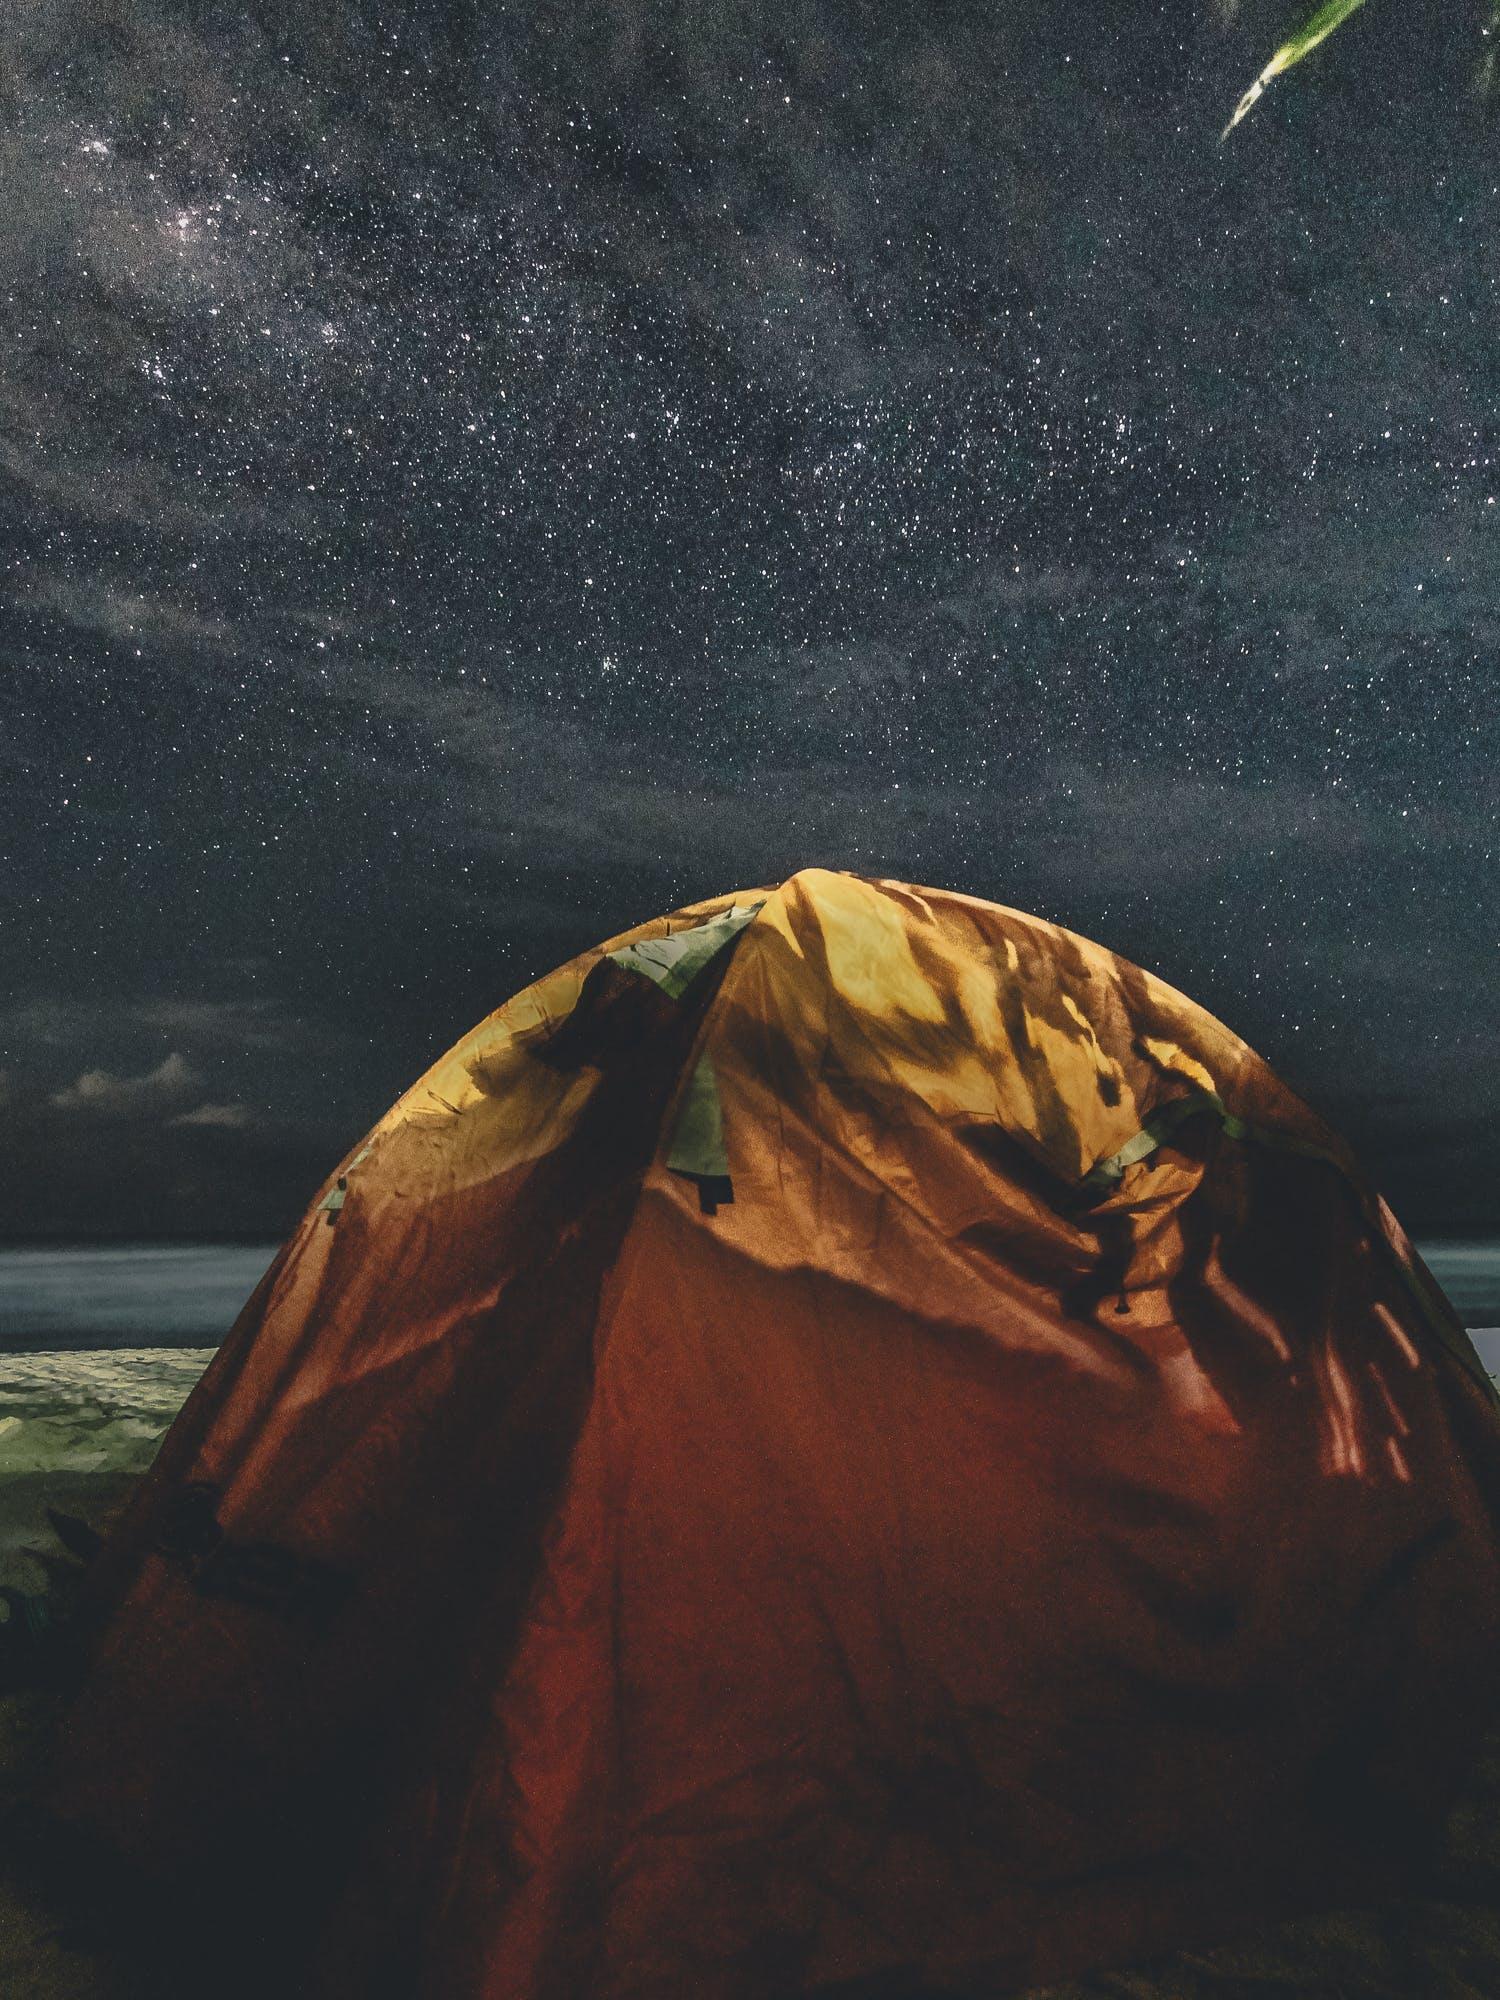 帳篷, 戶外挑戰, 明星